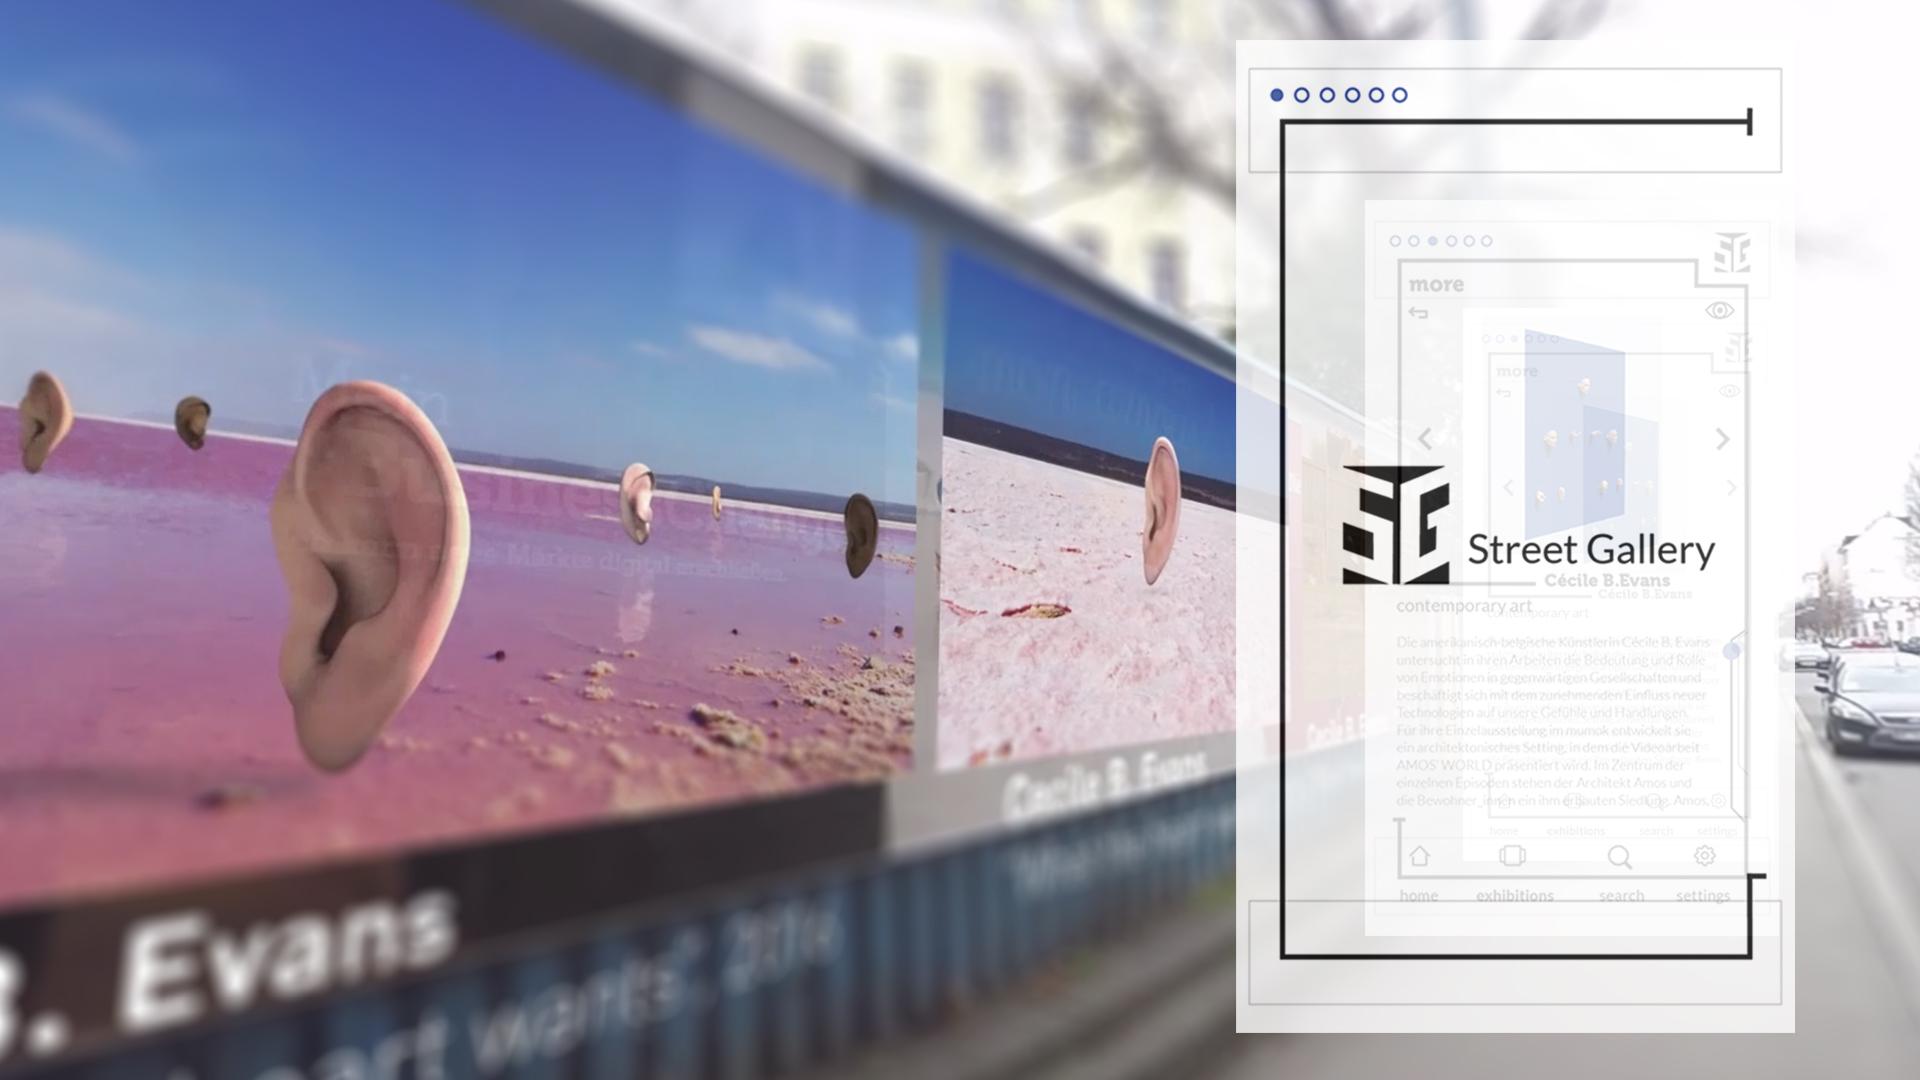 Street Gallery – Benutzeroberfläche aus der Sicht des Benutzers